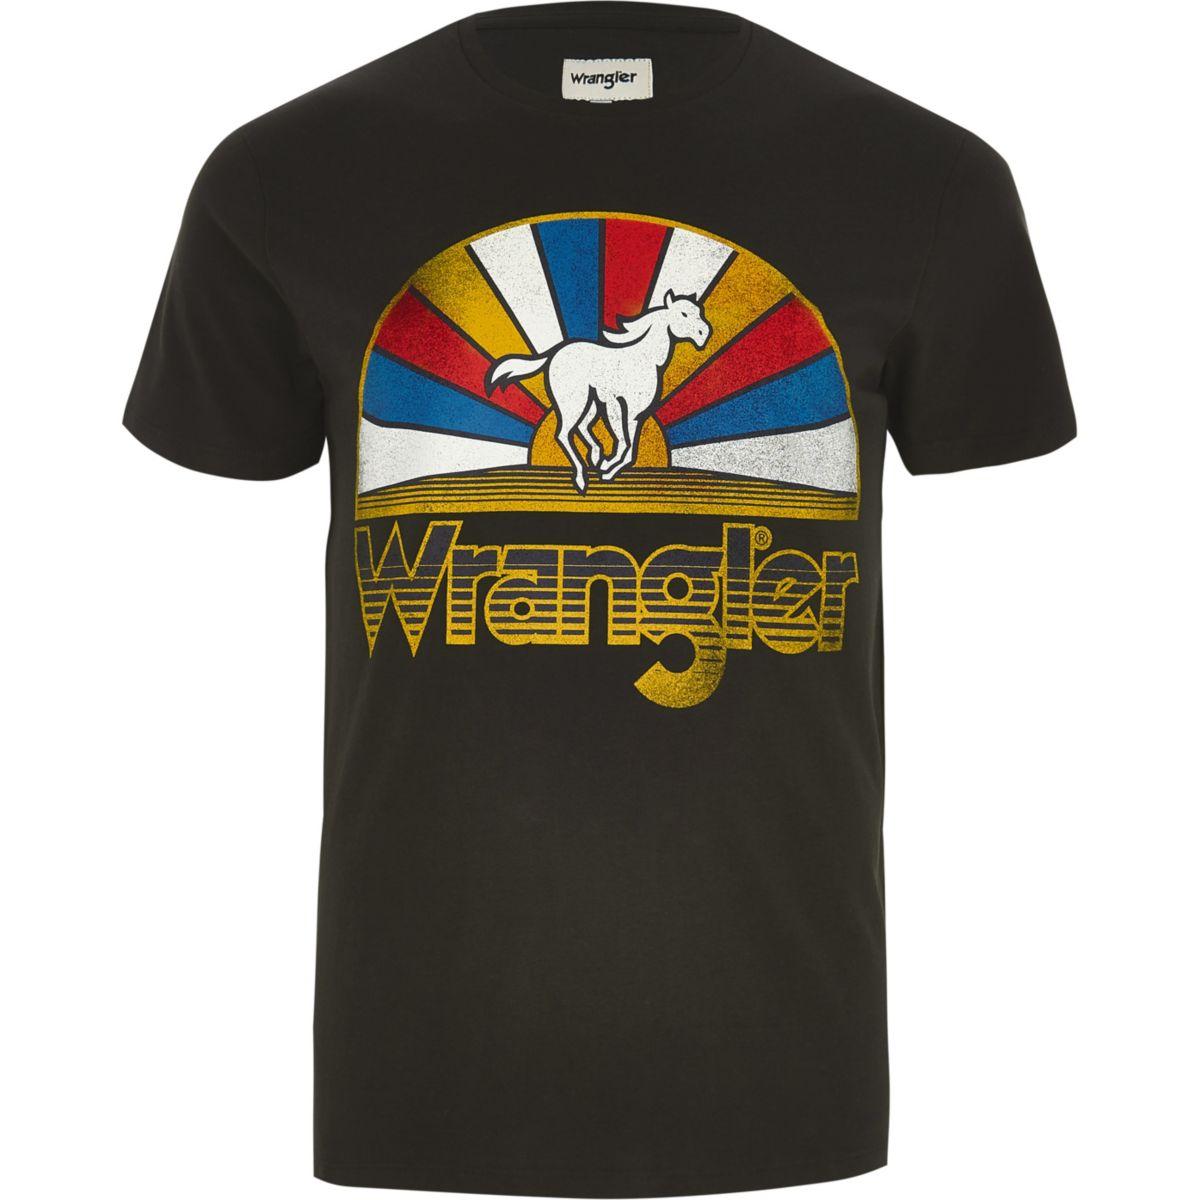 Wrangler black horse logo T-shirt